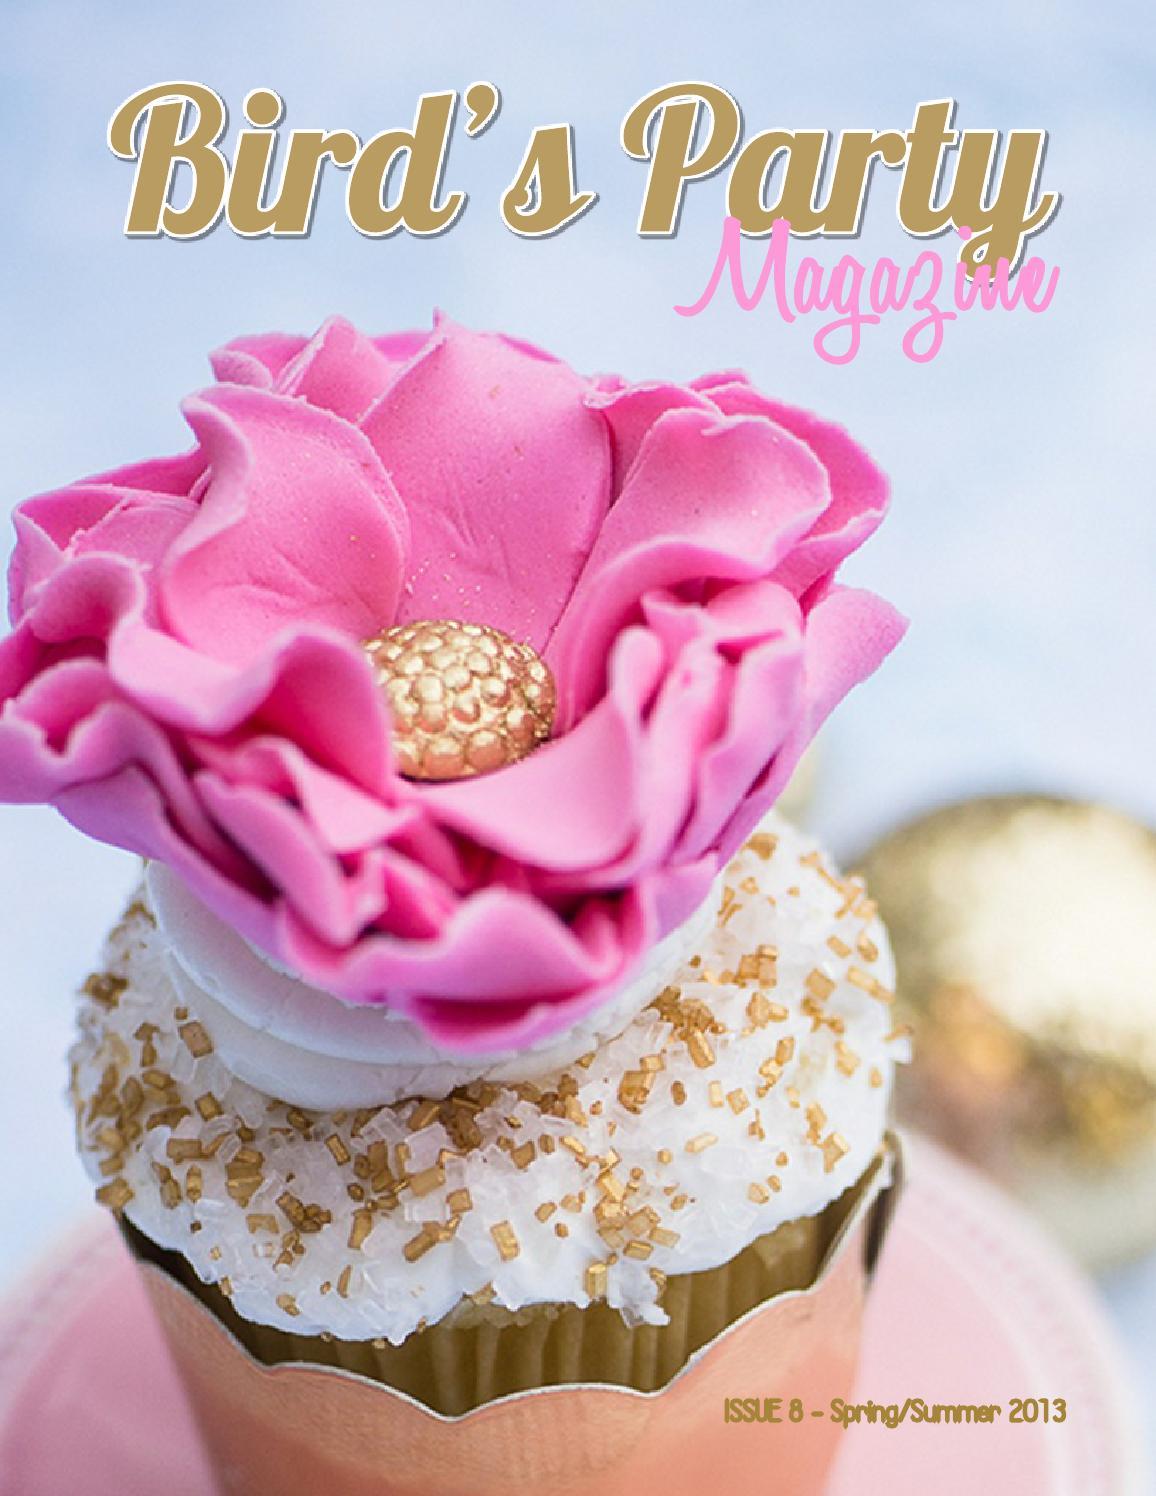 Bird's Party Magazine - Spring / Summer 2013, Issue 8